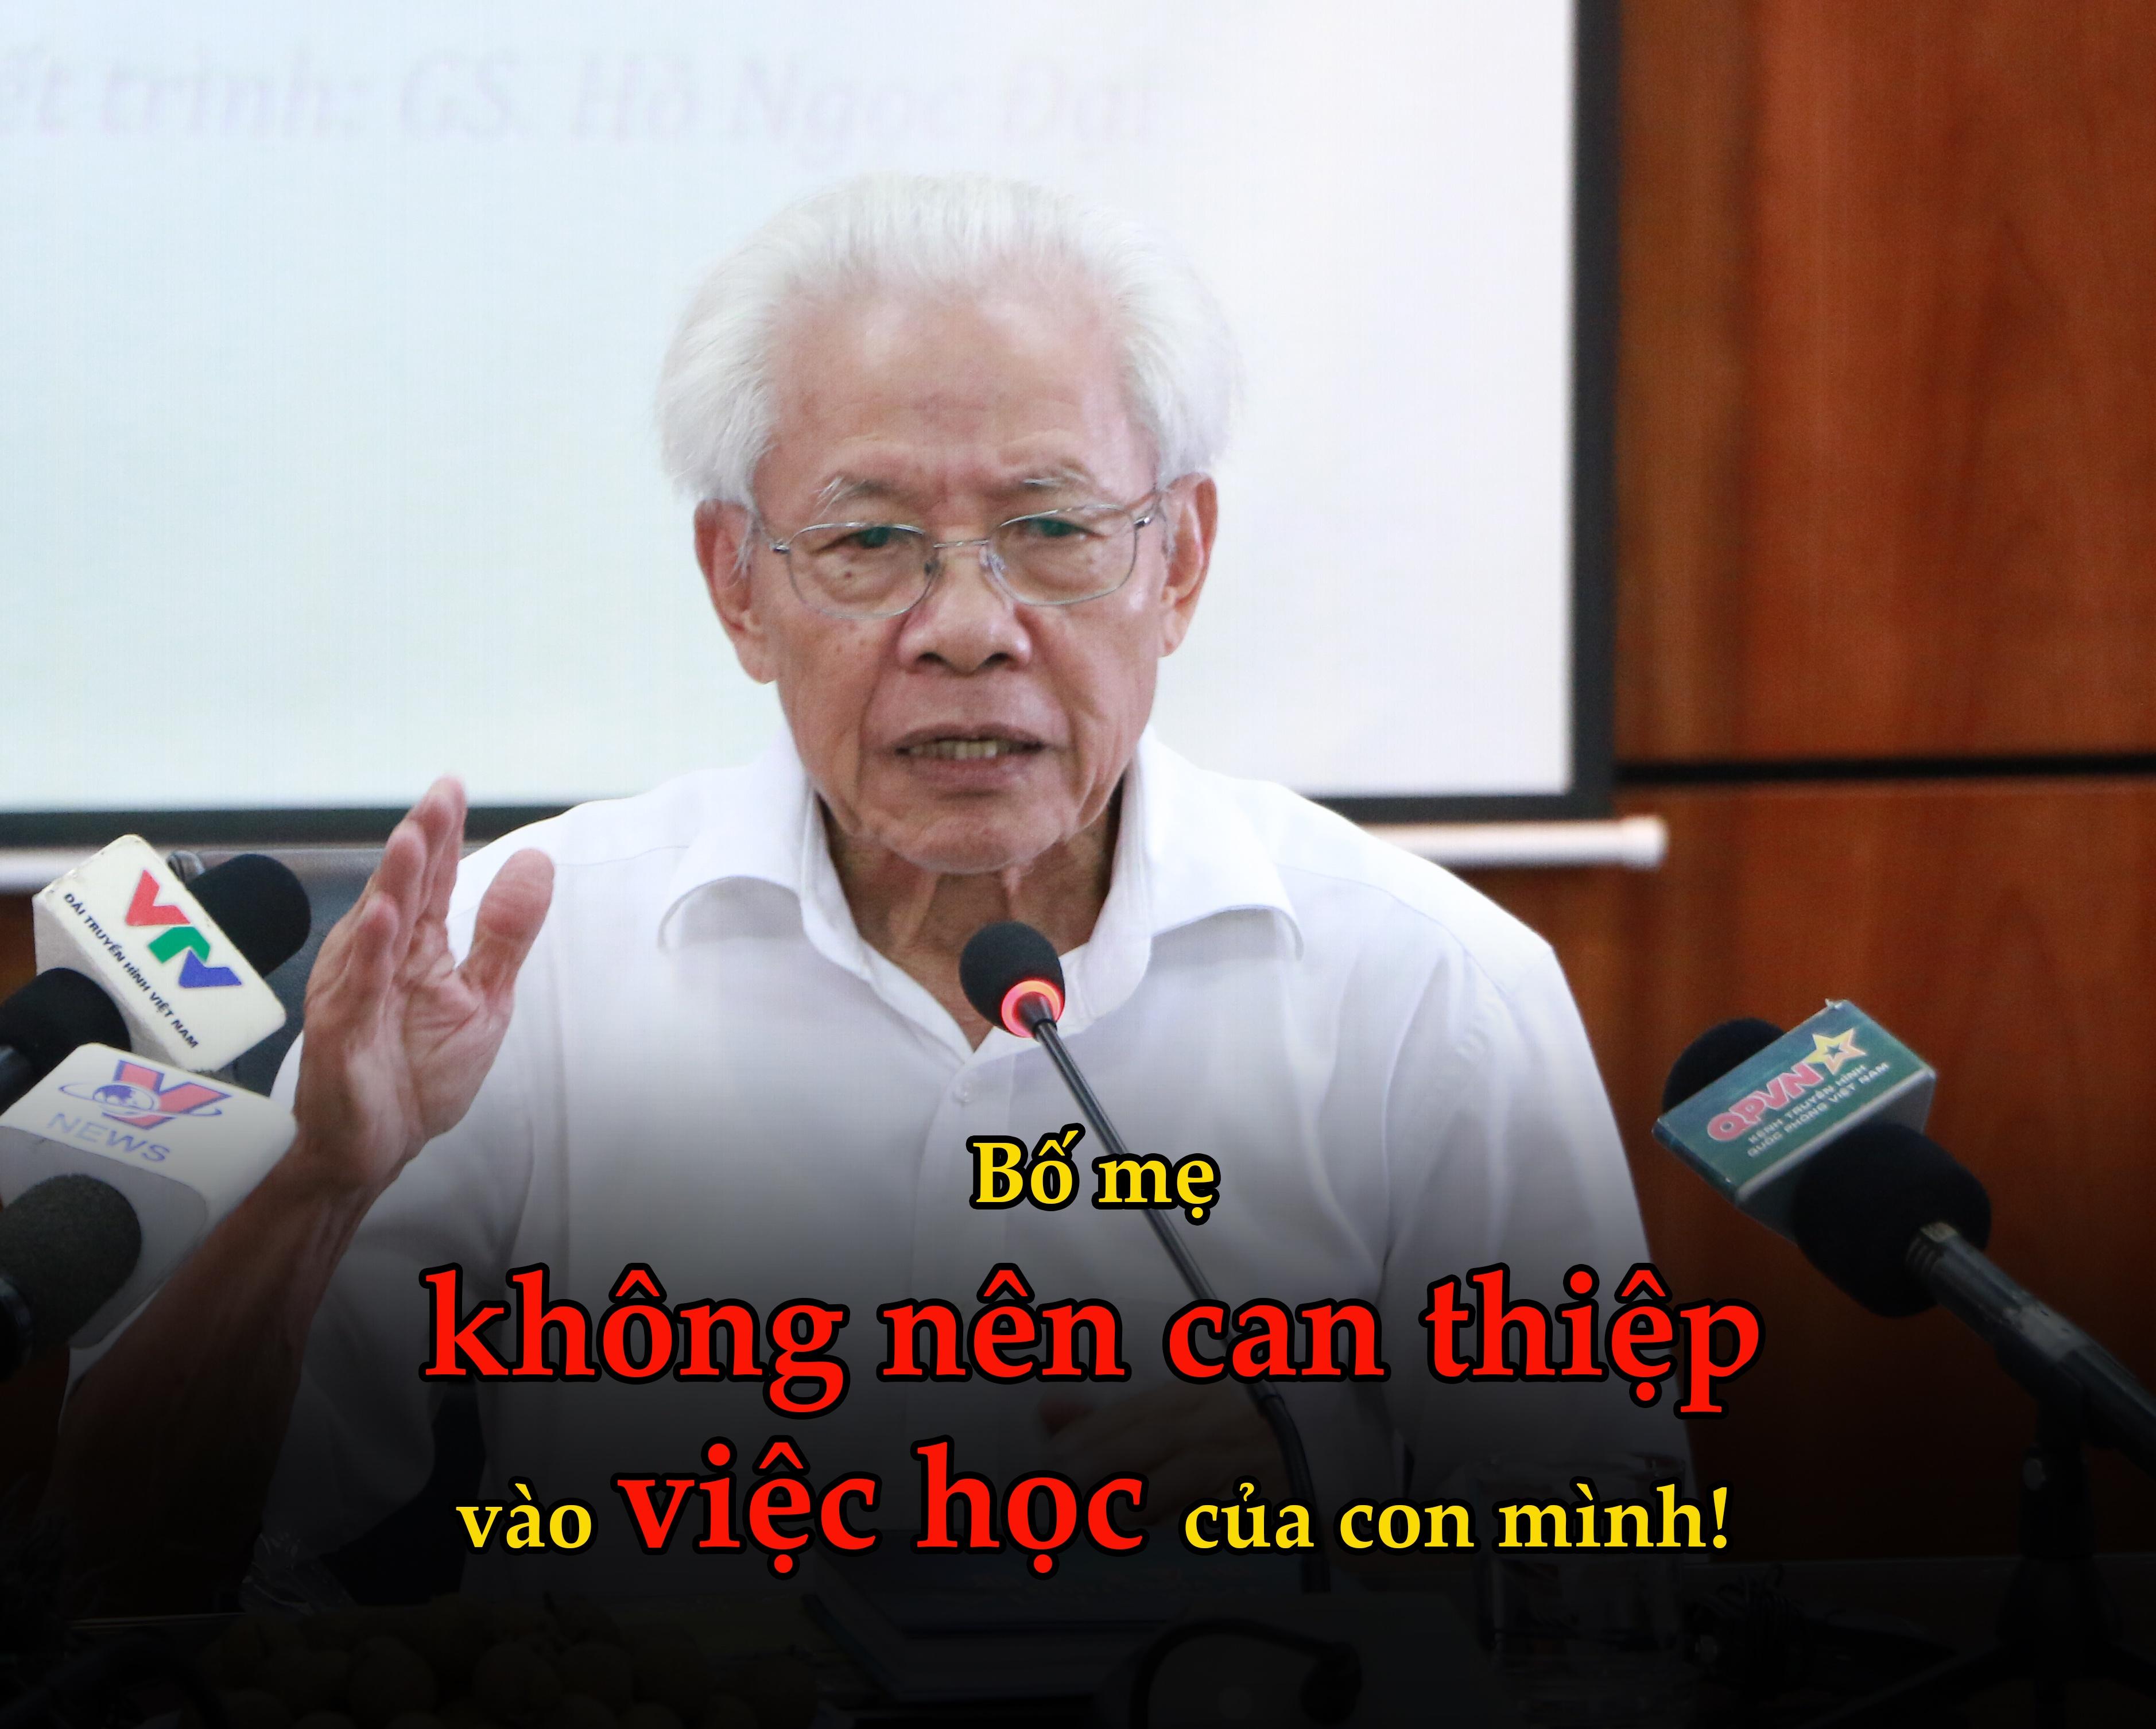 danh van kieu cong nghe giao duc phu huynh nen can thiep viec hoc cua con the nao